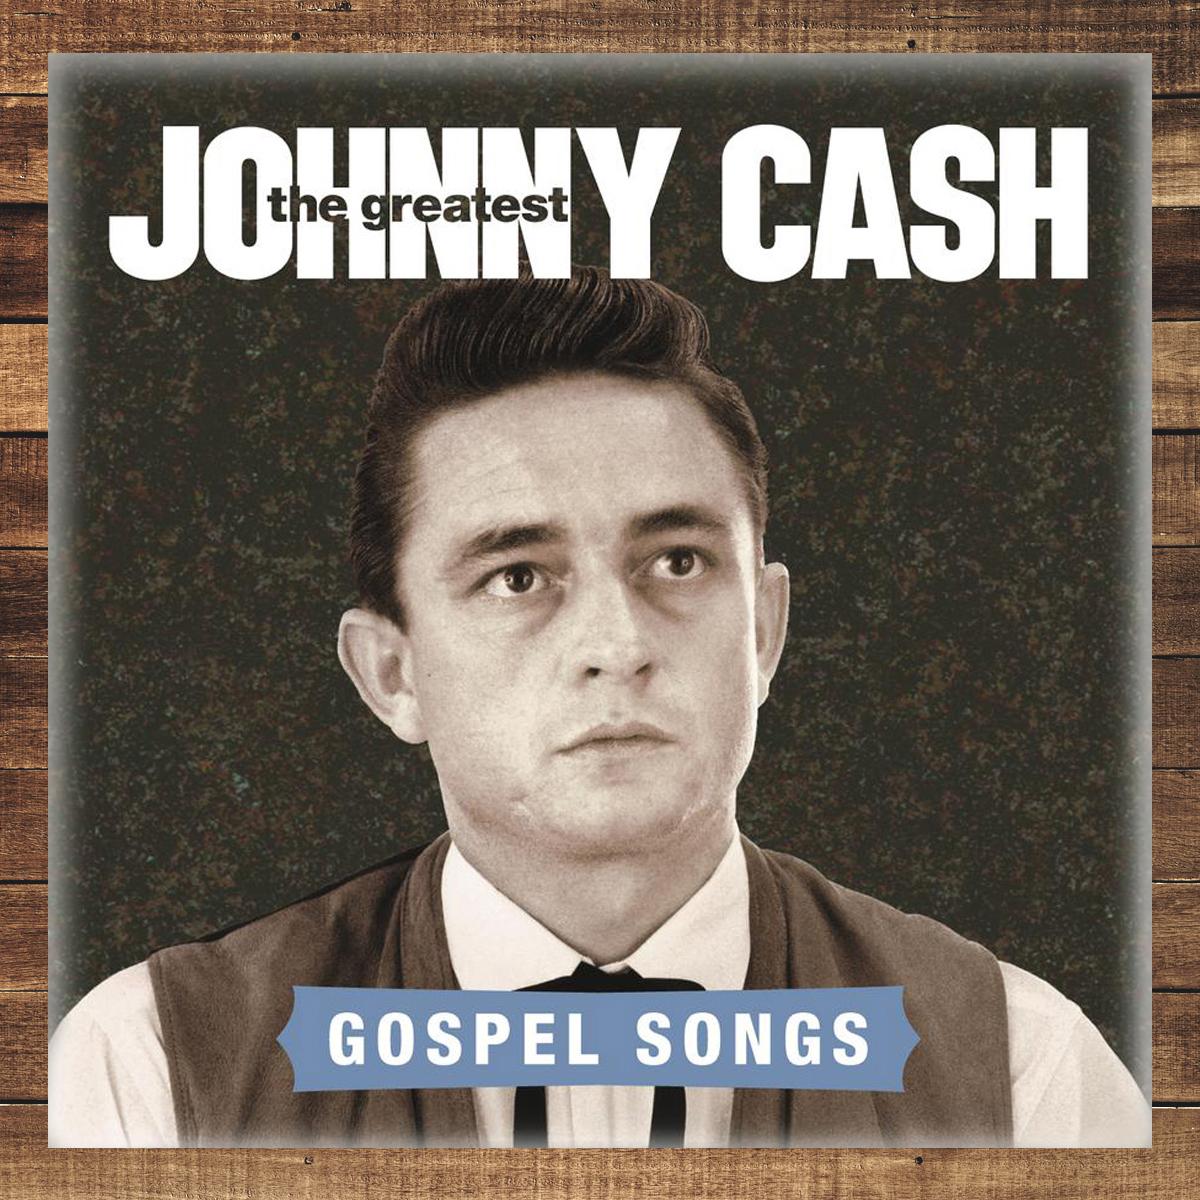 The Greatest: Gospel Songs CD